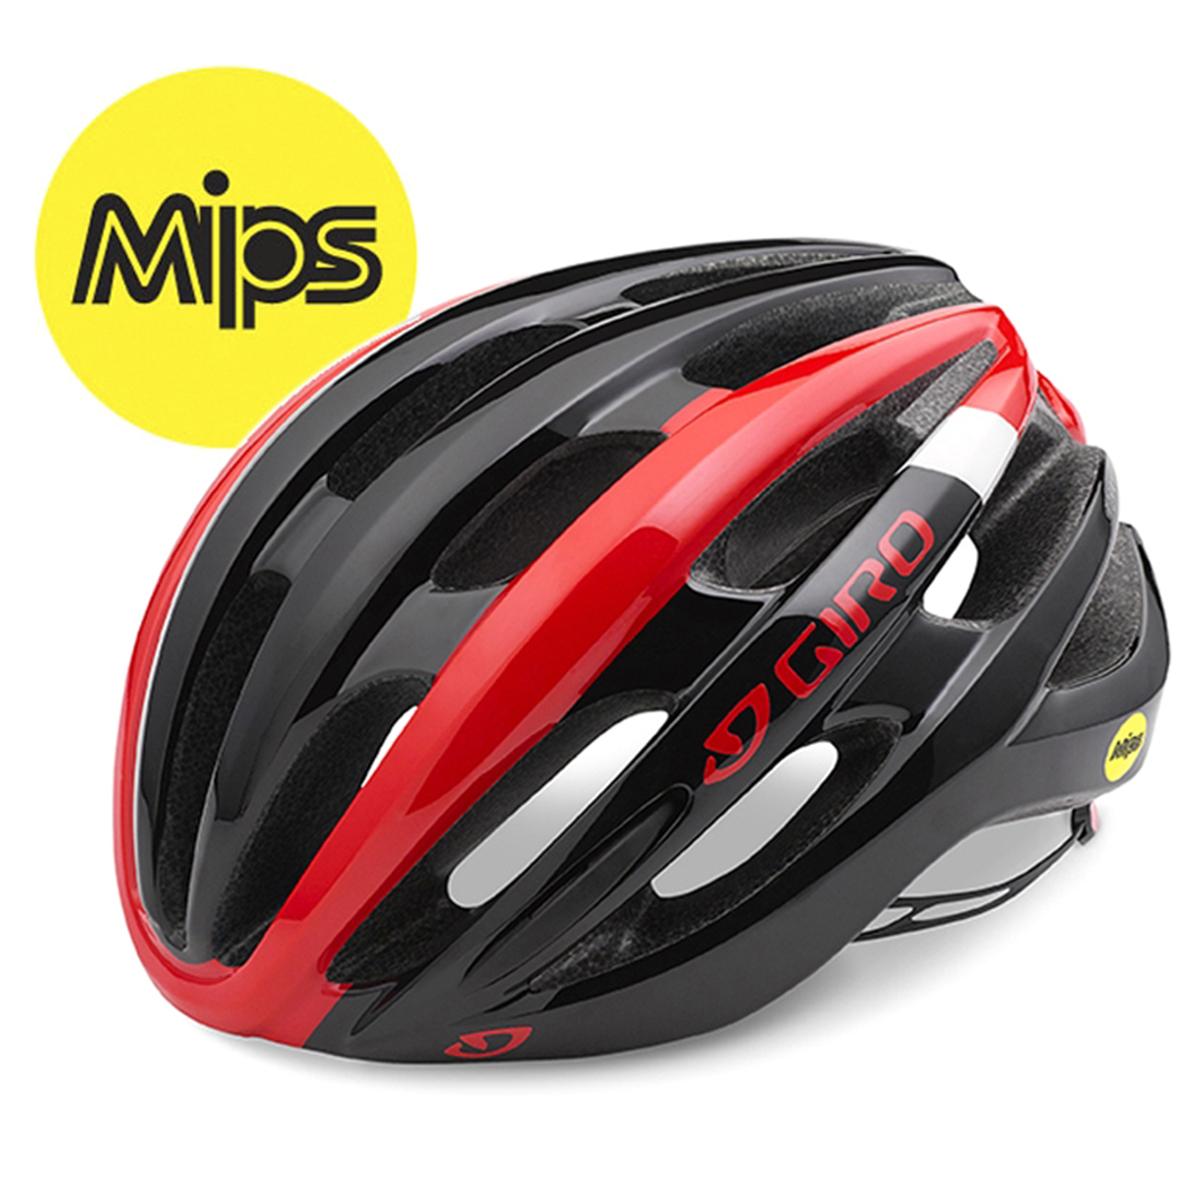 Giro Foray MIPS Road Bike Helmet - 2019